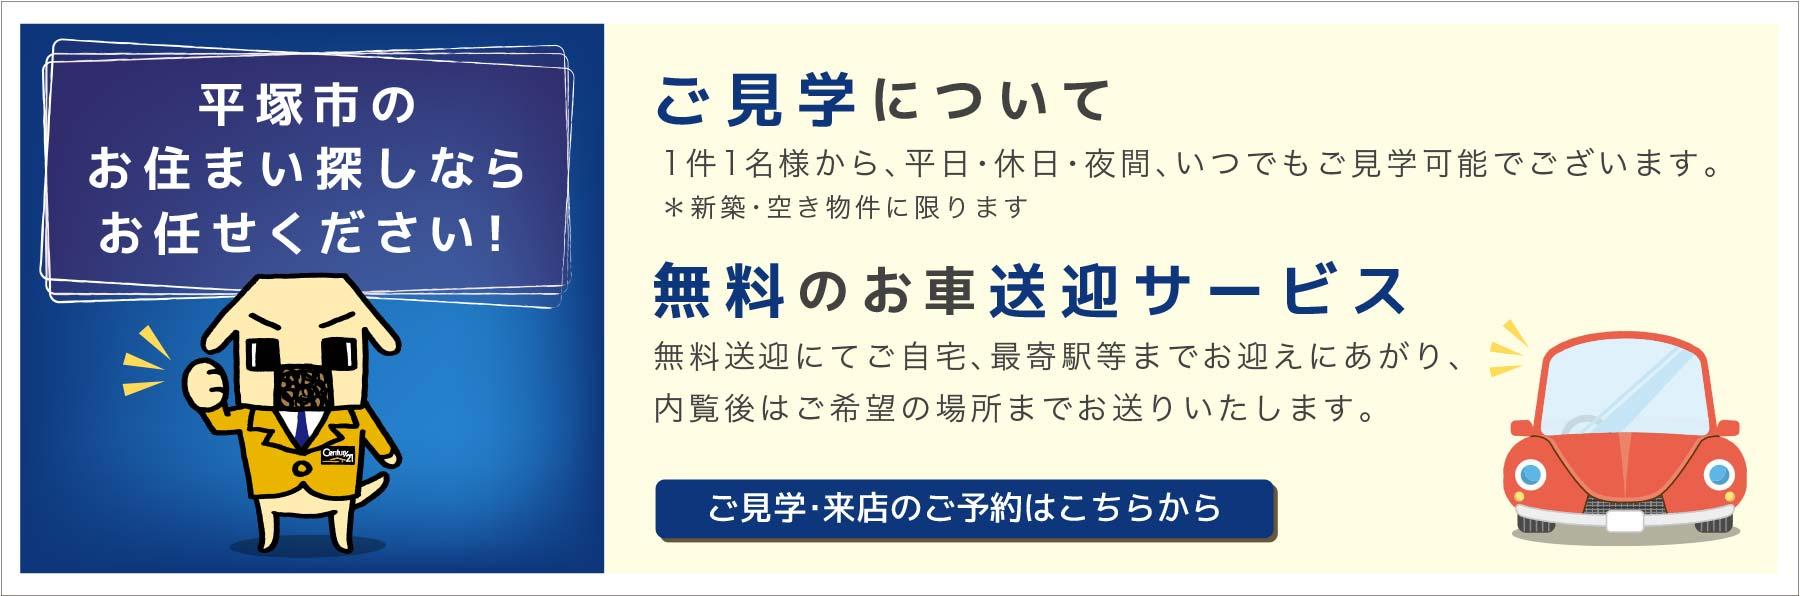 平塚市のお住まい探しならお任せください! 無料のお車送迎サービス行っております。